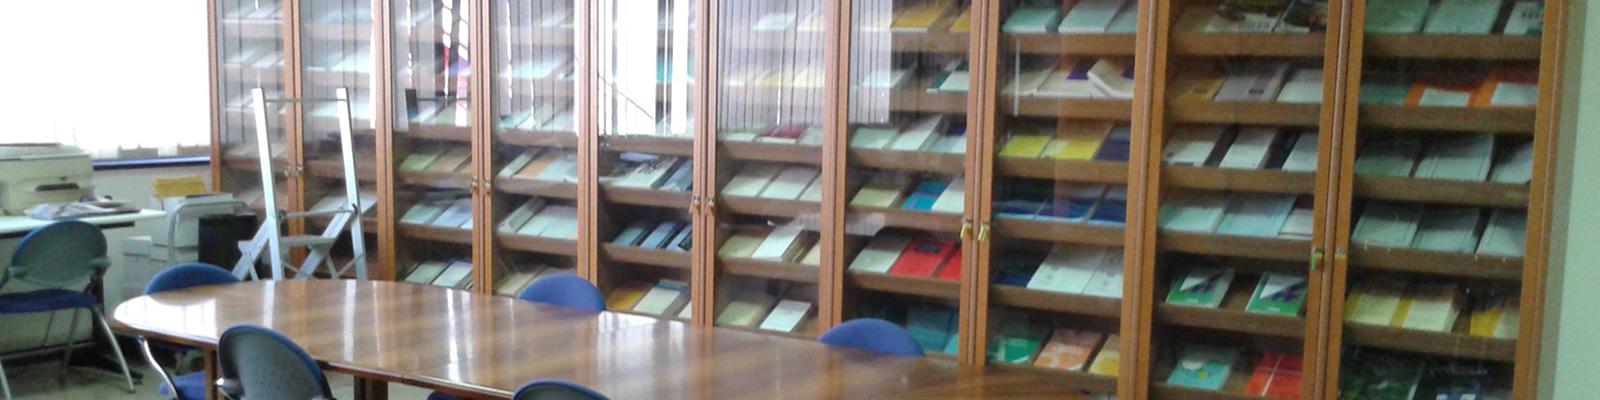 Biblioteca del Dip. di Scienze Filosofiche, Pedagogiche ed Economico-Quantitative